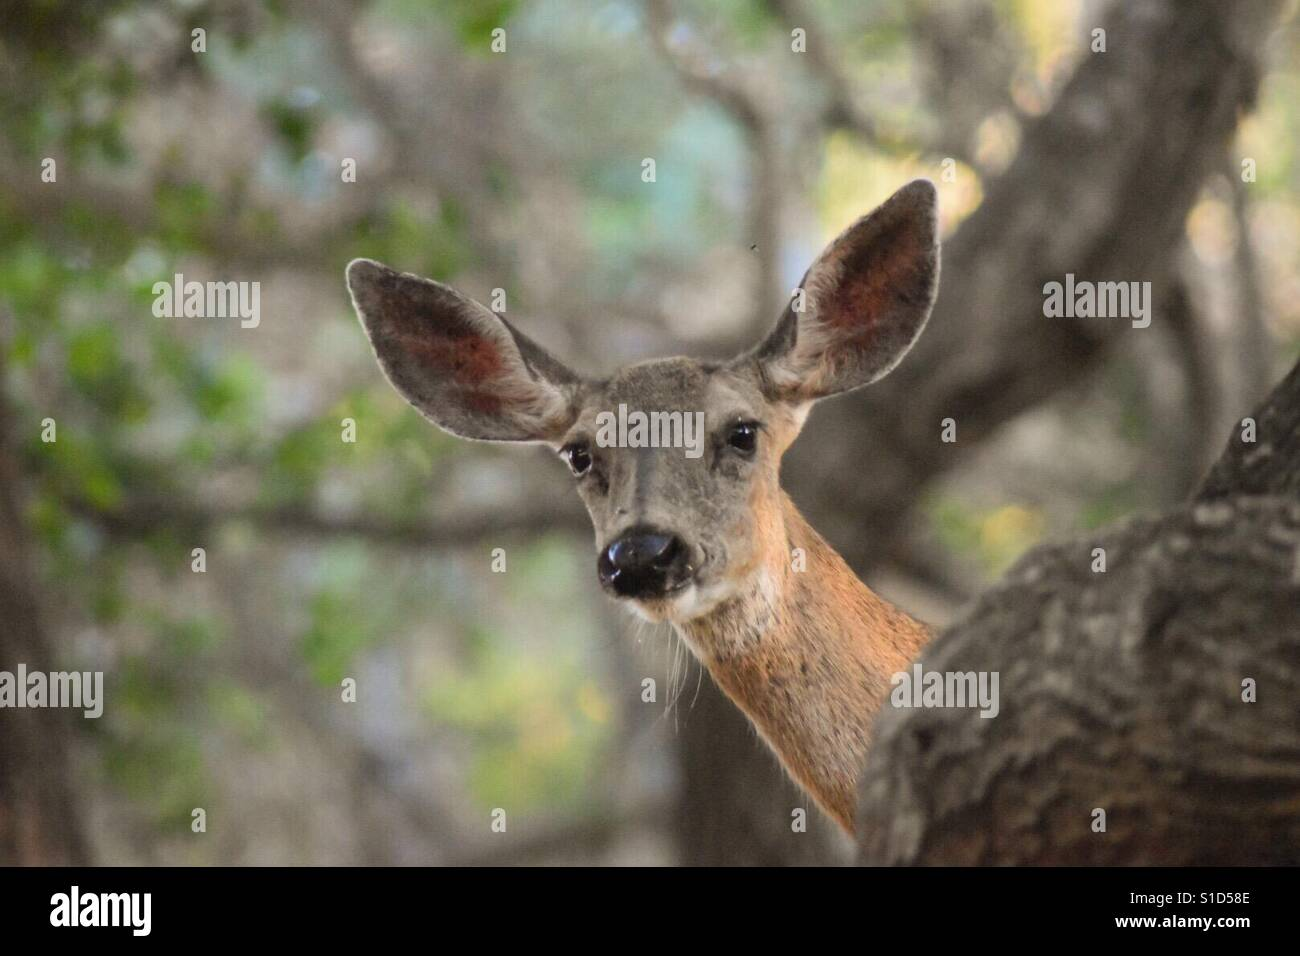 Oh Deer! Stockbild